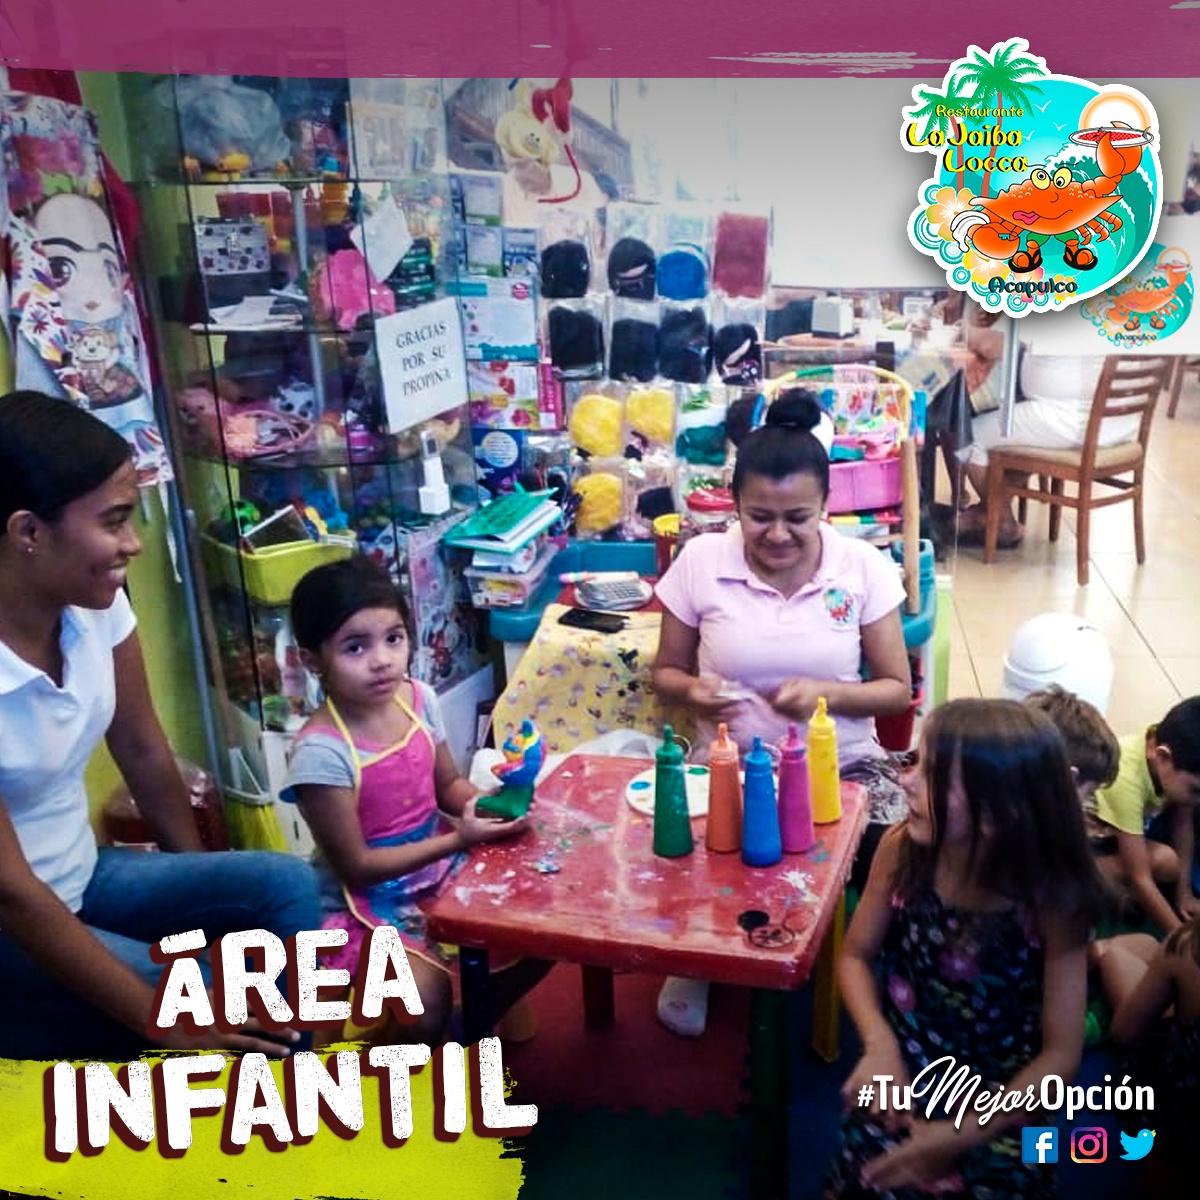 https://0201.nccdn.net/1_2/000/000/13e/50b/--rea-infantil-Costa-Azul-1200x1200.jpg